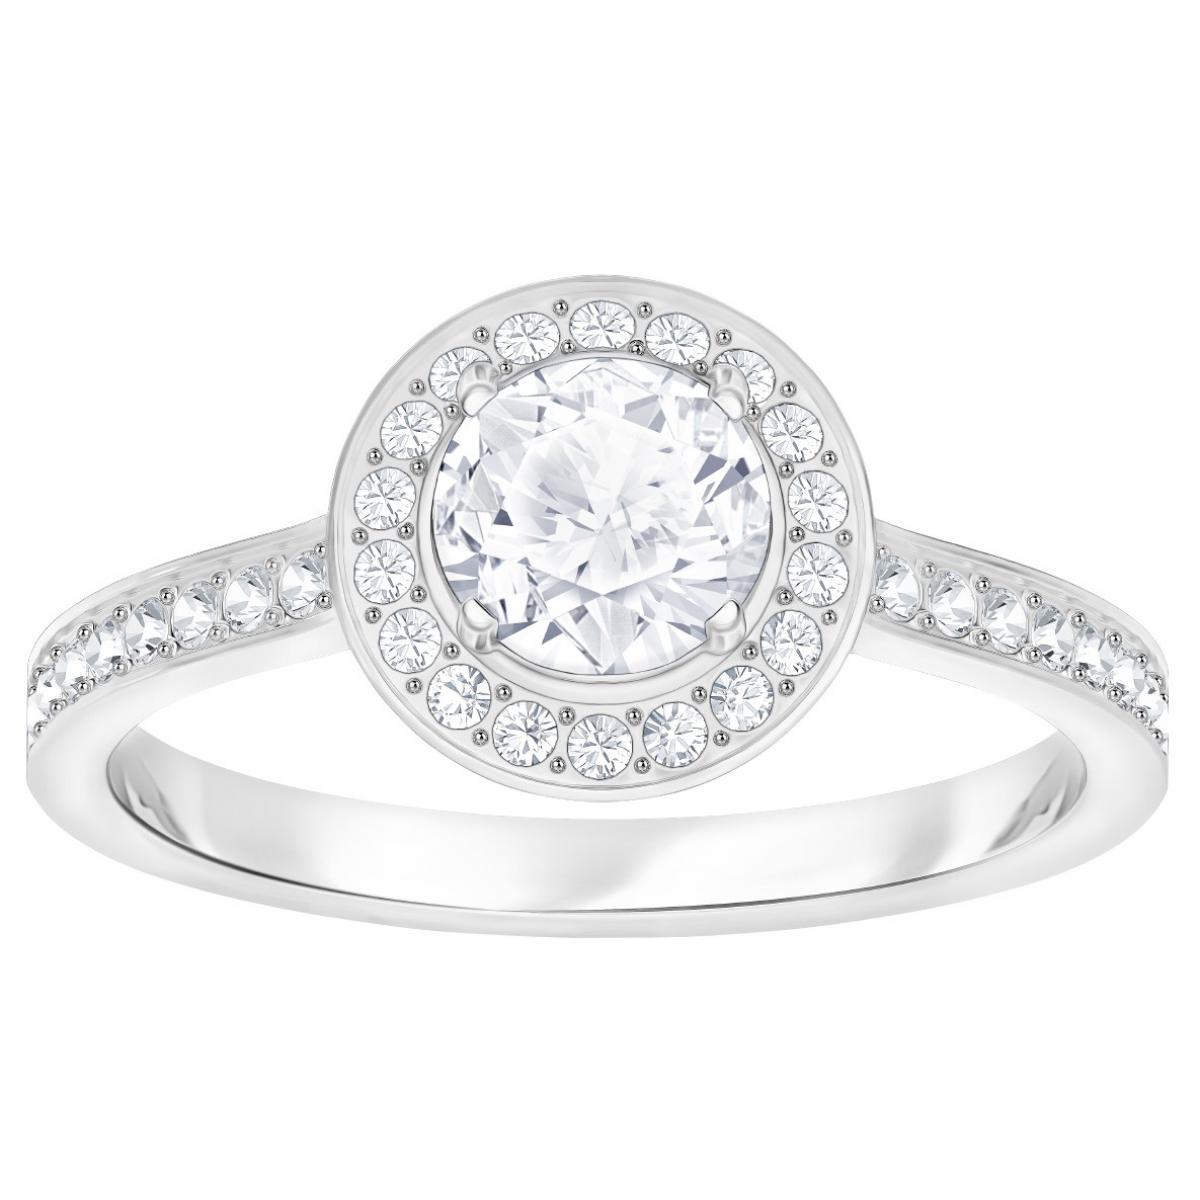 Bague Swarovski Attract Light Ring - Bague Acier Femme